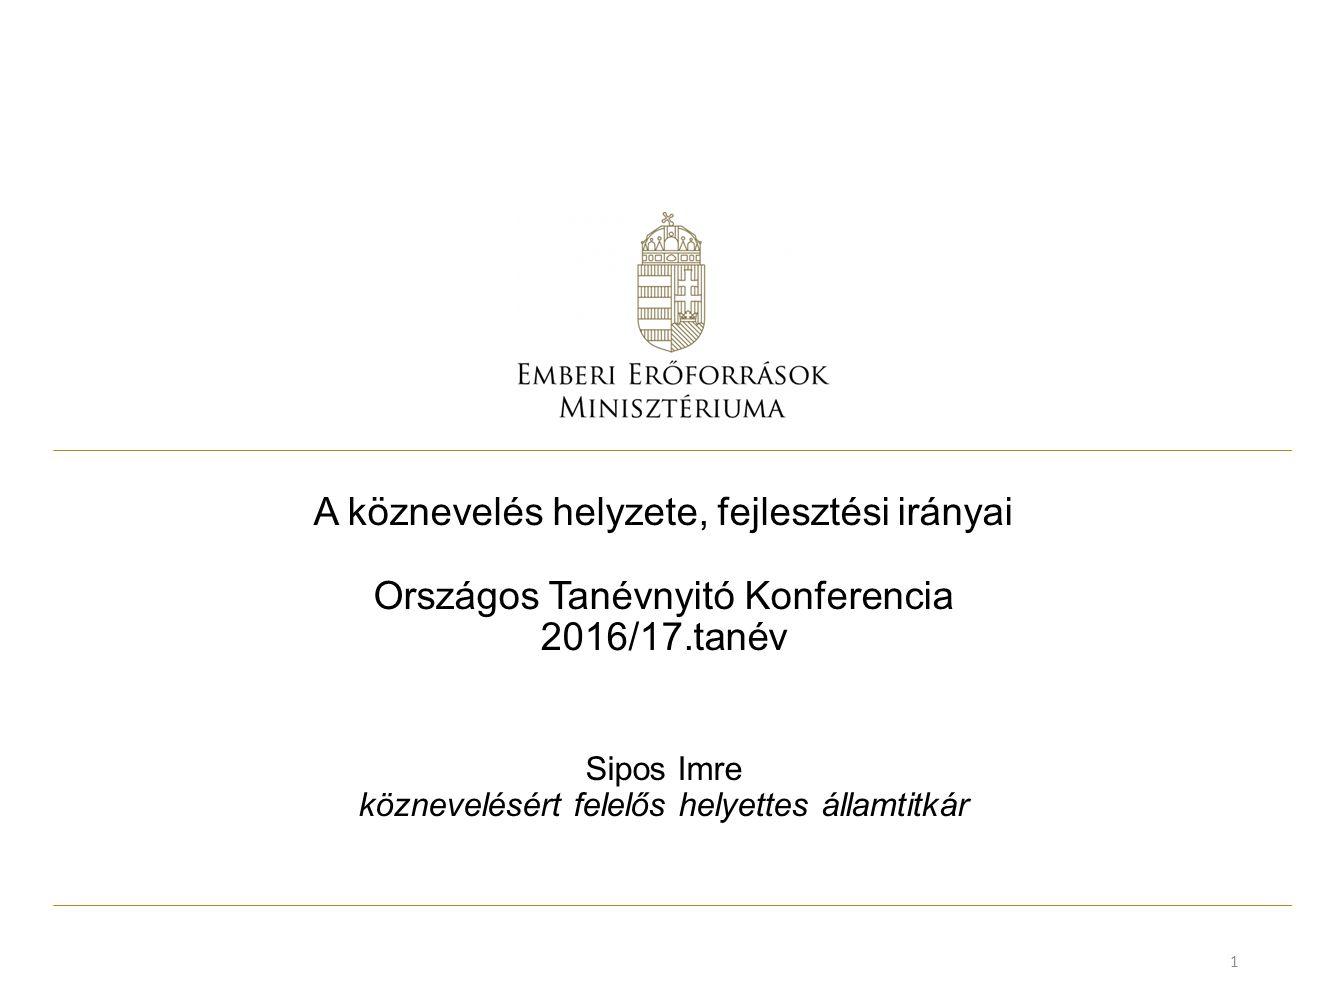 A köznevelés helyzete, fejlesztési irányai Országos Tanévnyitó Konferencia 2016/17.tanév Sipos Imre köznevelésért felelős helyettes államtitkár 1